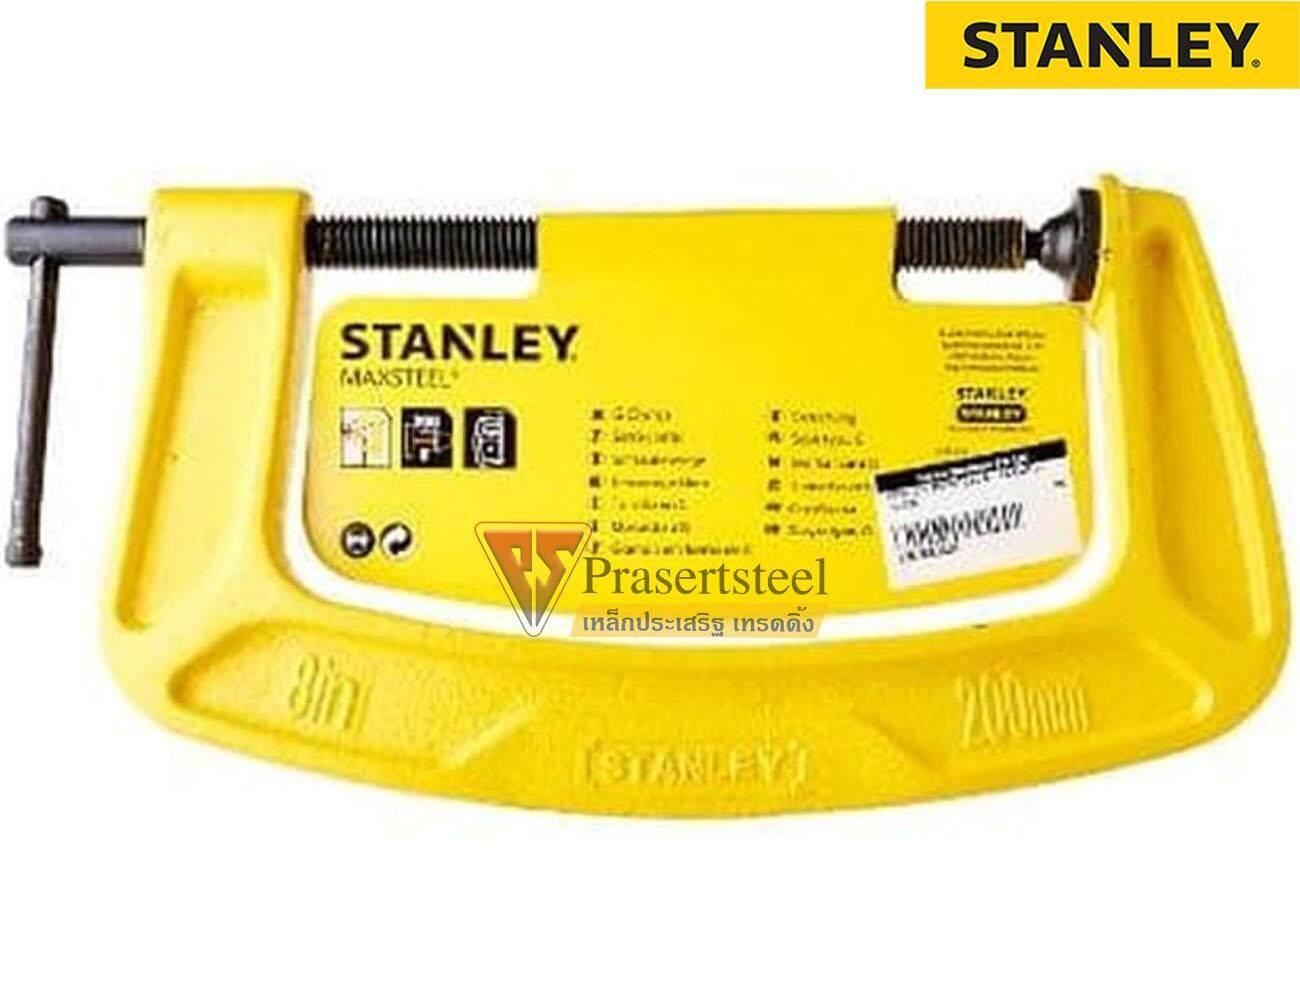 Stanley (83-032k) แคลมป์จับชิ้นงานรูปตัวซี ขนาด 2 นิ้ว.